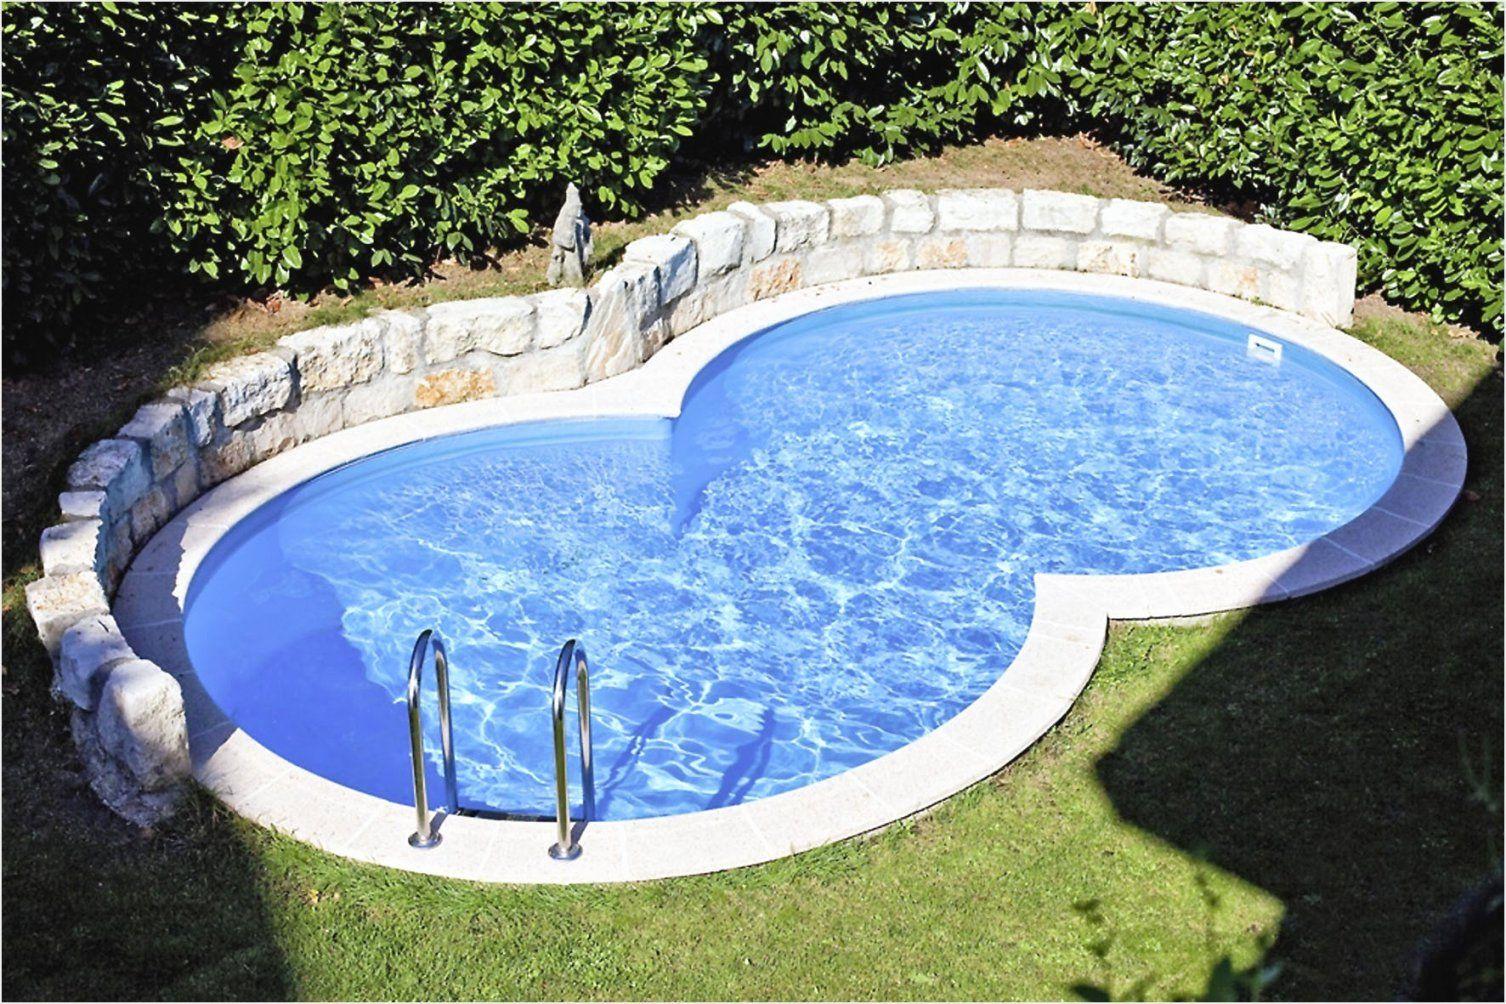 Pool Garten Kosten Siddhimindfo Was Kostet Ein Pool Im Garten Von